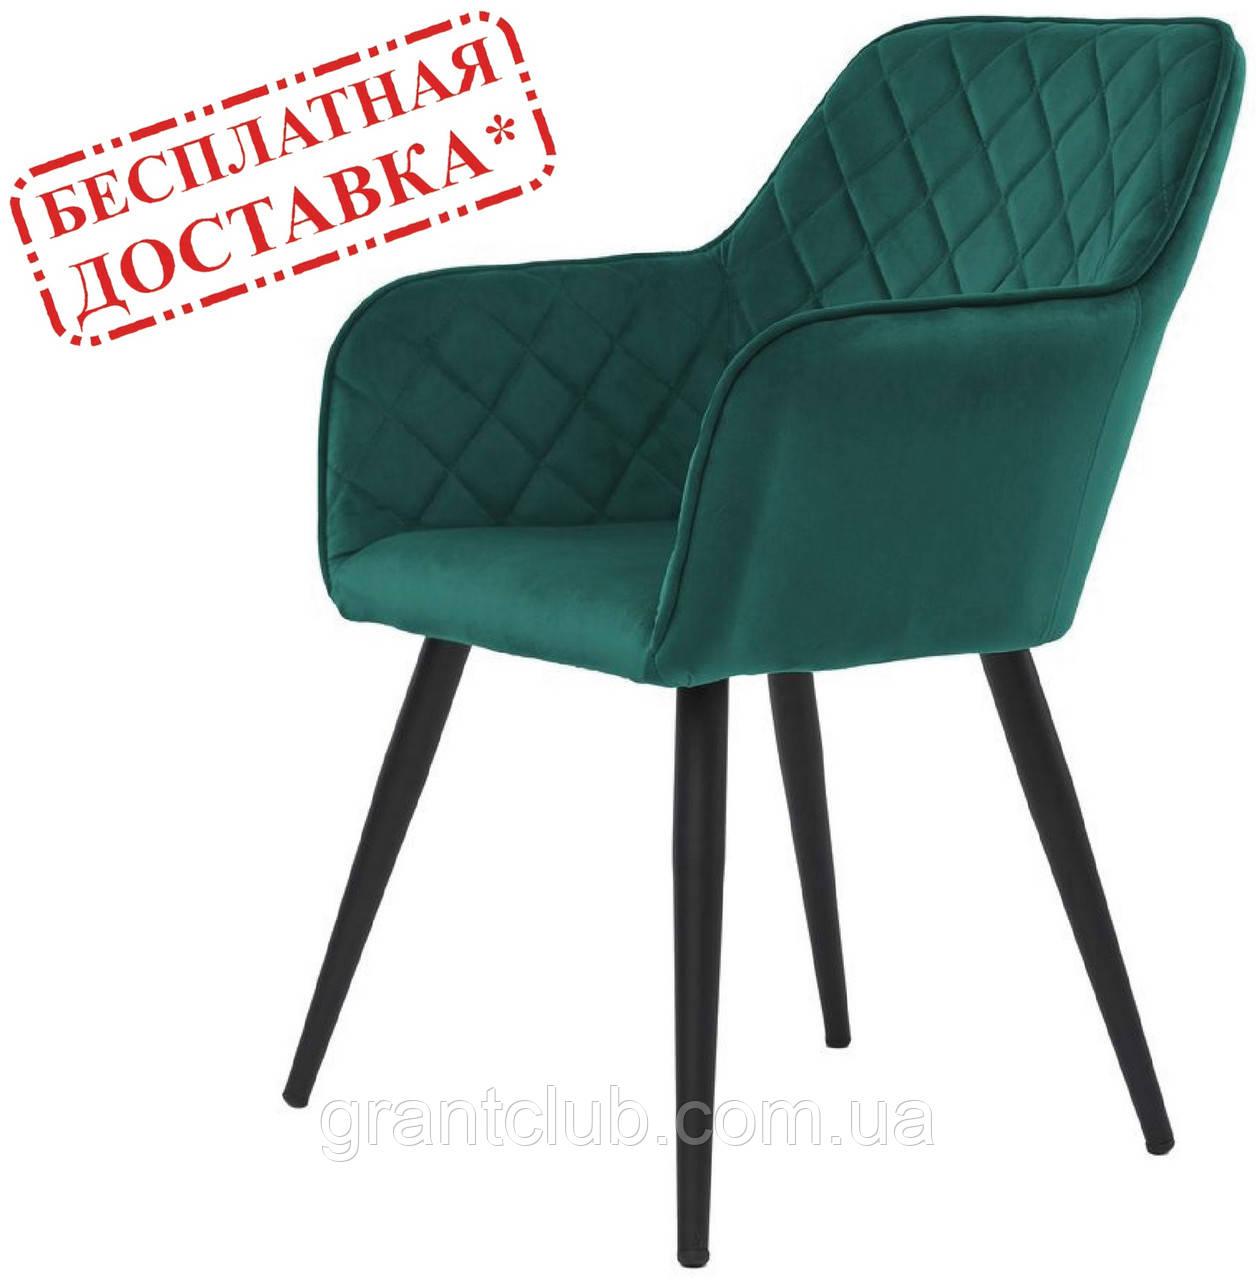 Кресло ANTIBA зелёный азур Concepto (бесплатная доставка)